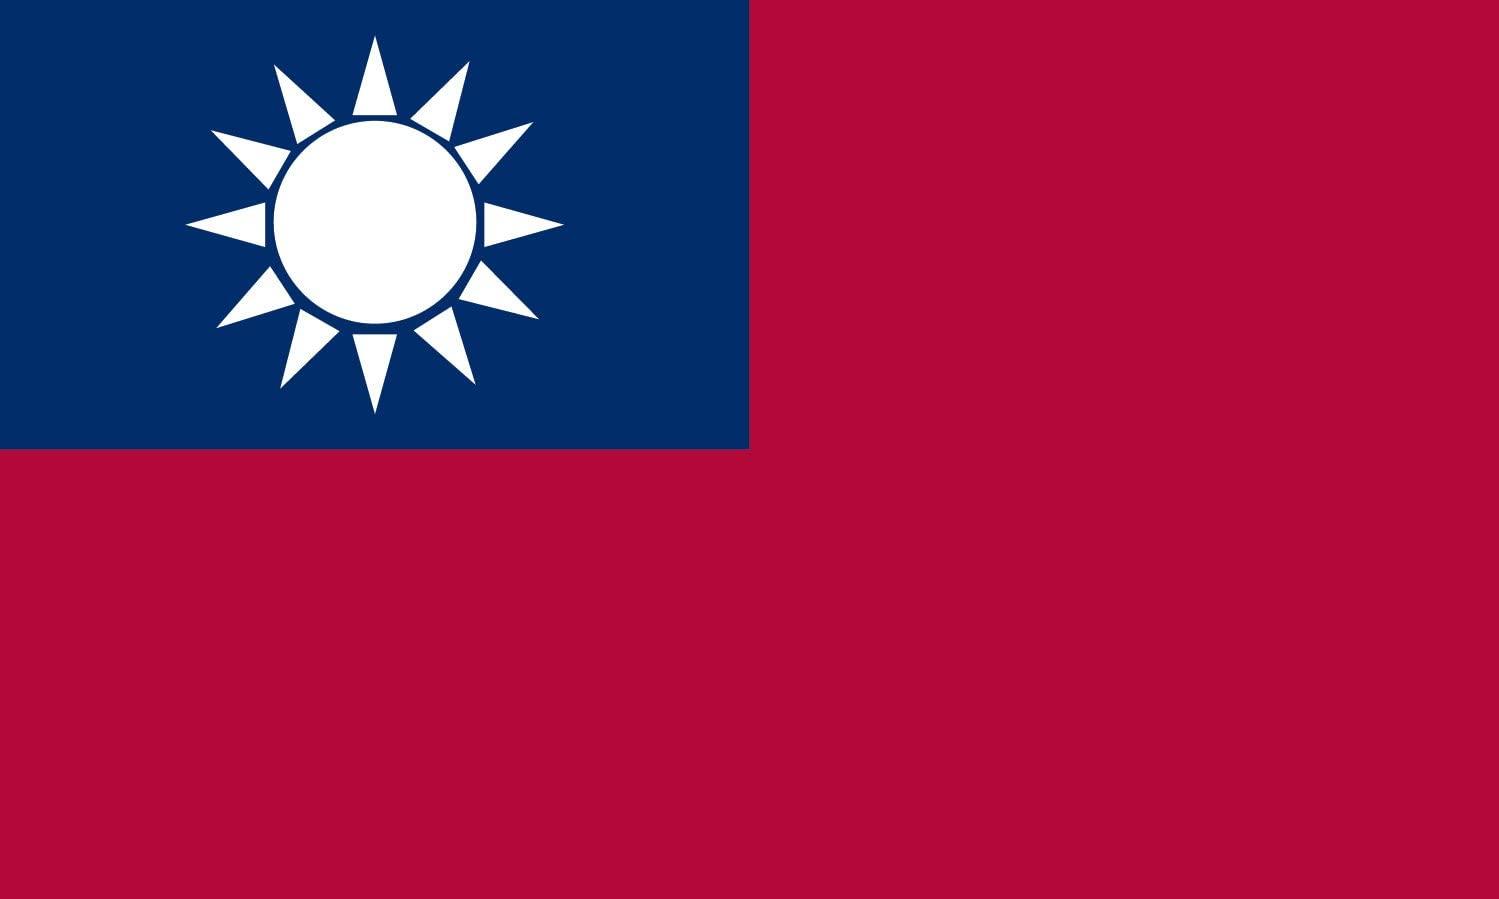 Bocoran Togel Taiwan Kamis